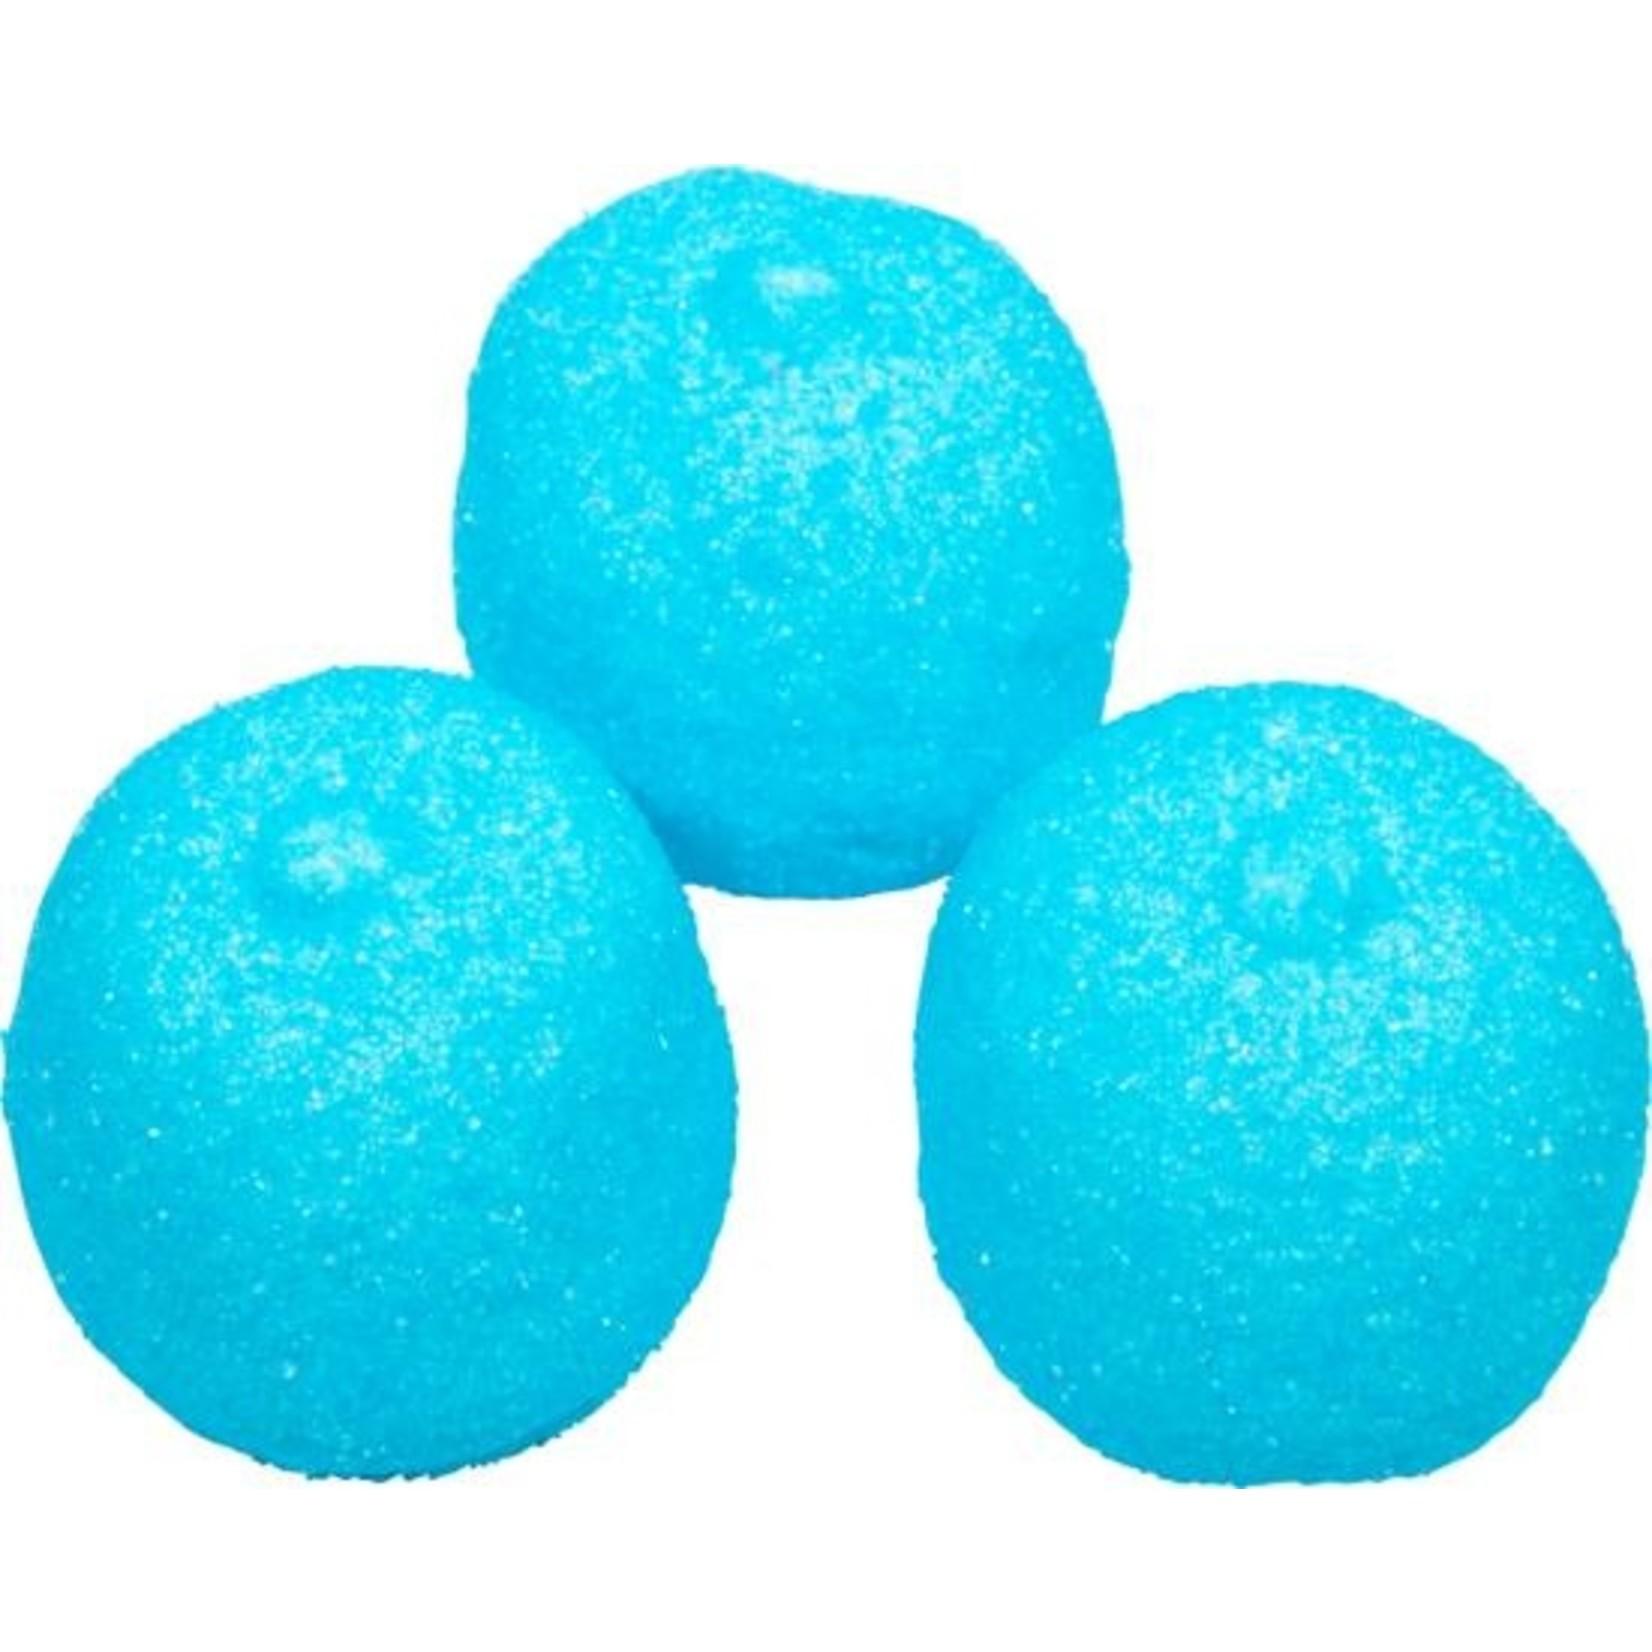 Tri D'aix Blauwe spekbollen